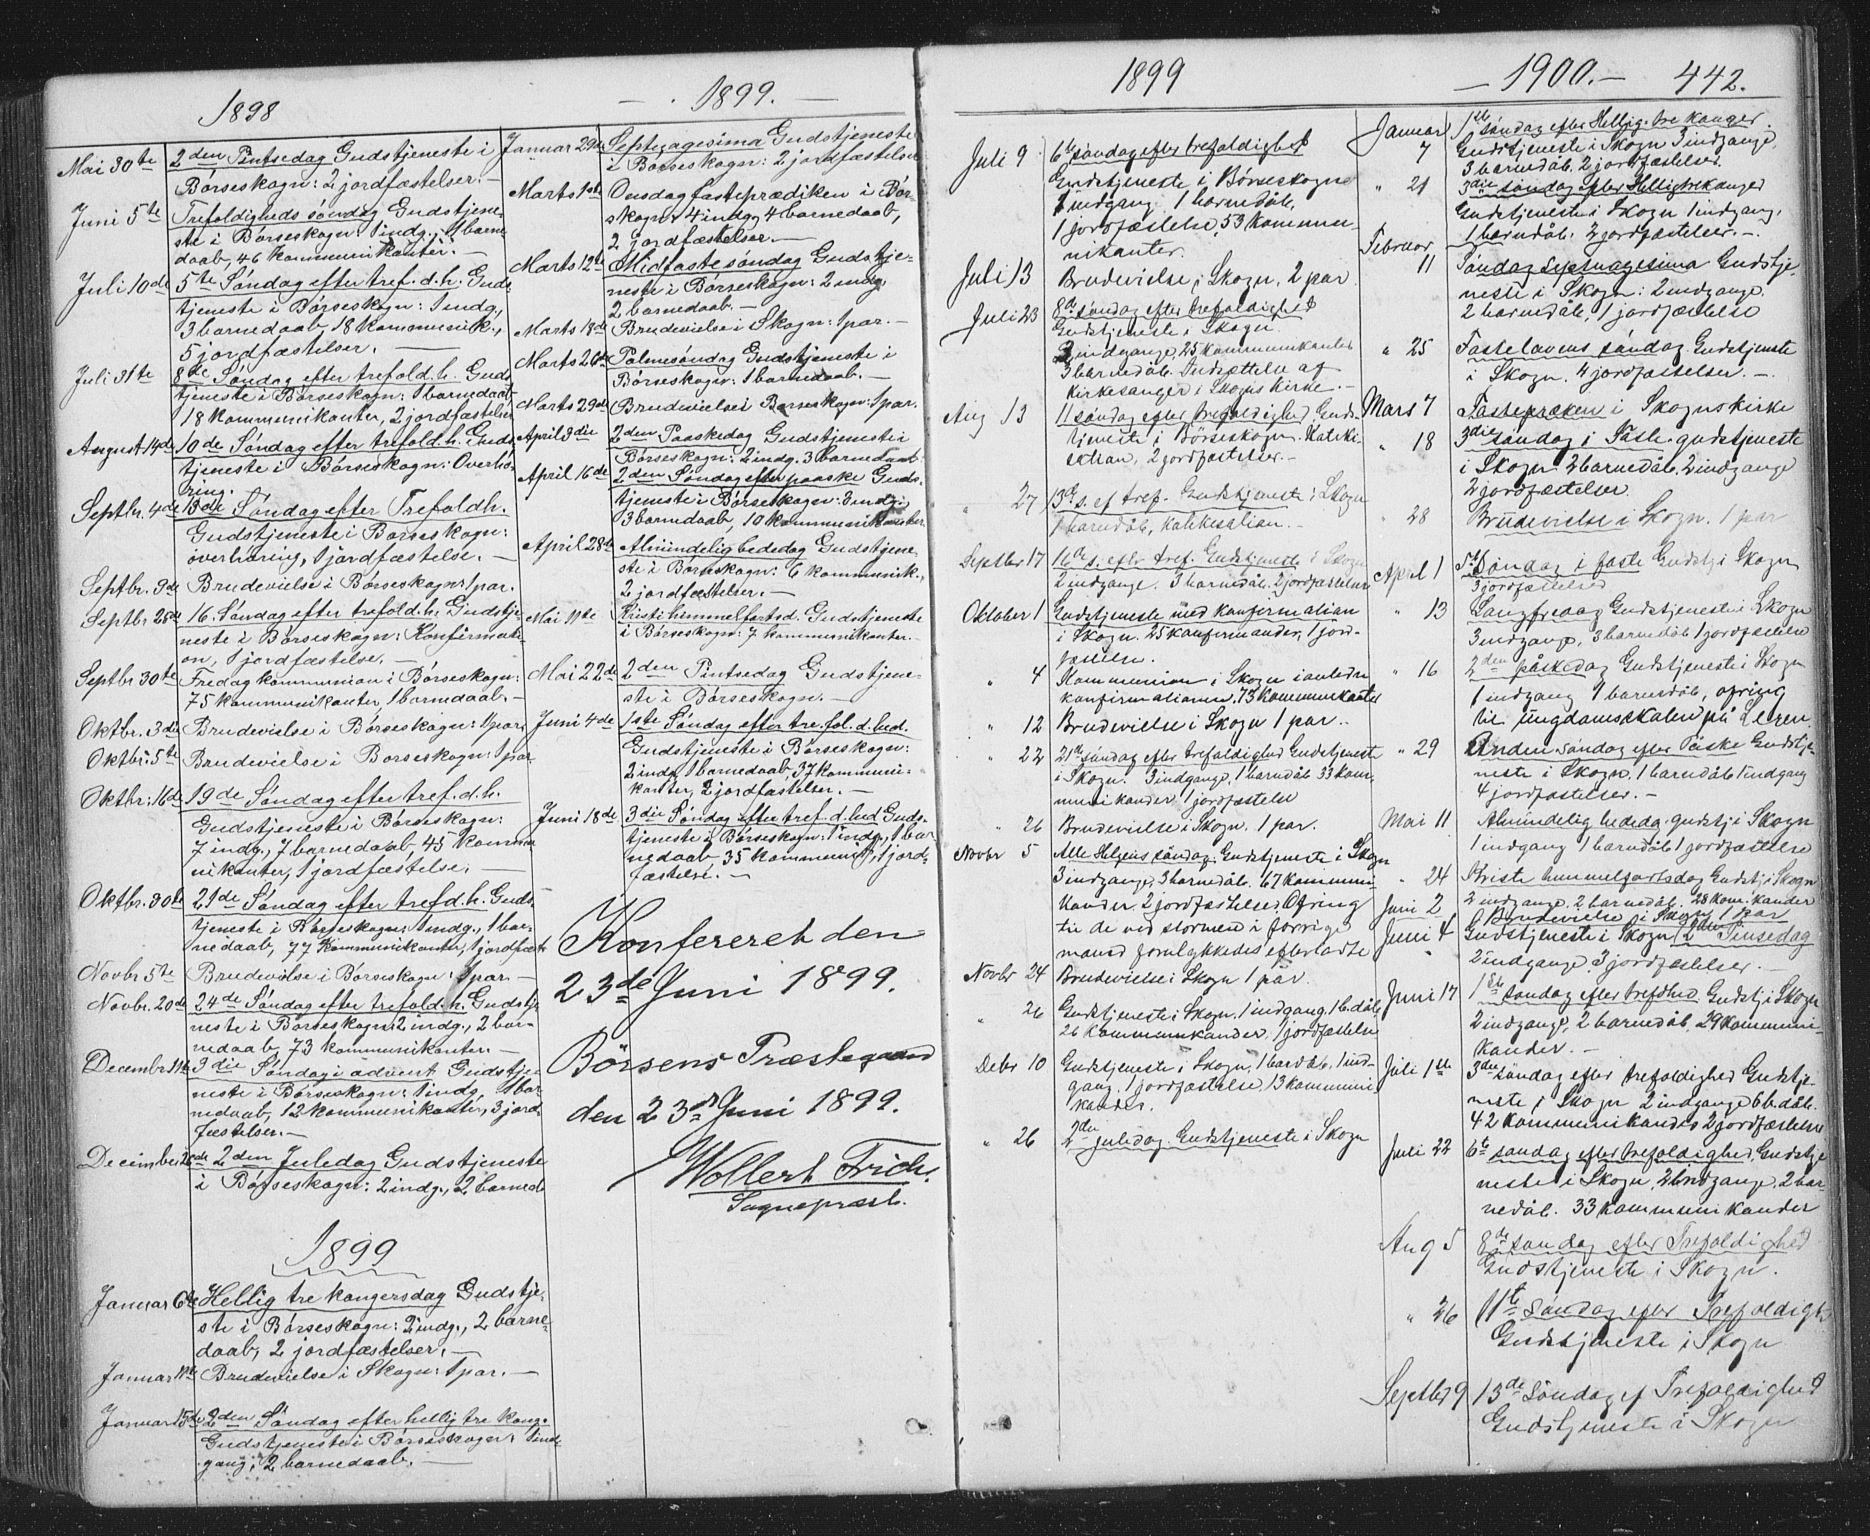 SAT, Ministerialprotokoller, klokkerbøker og fødselsregistre - Sør-Trøndelag, 667/L0798: Klokkerbok nr. 667C03, 1867-1929, s. 442